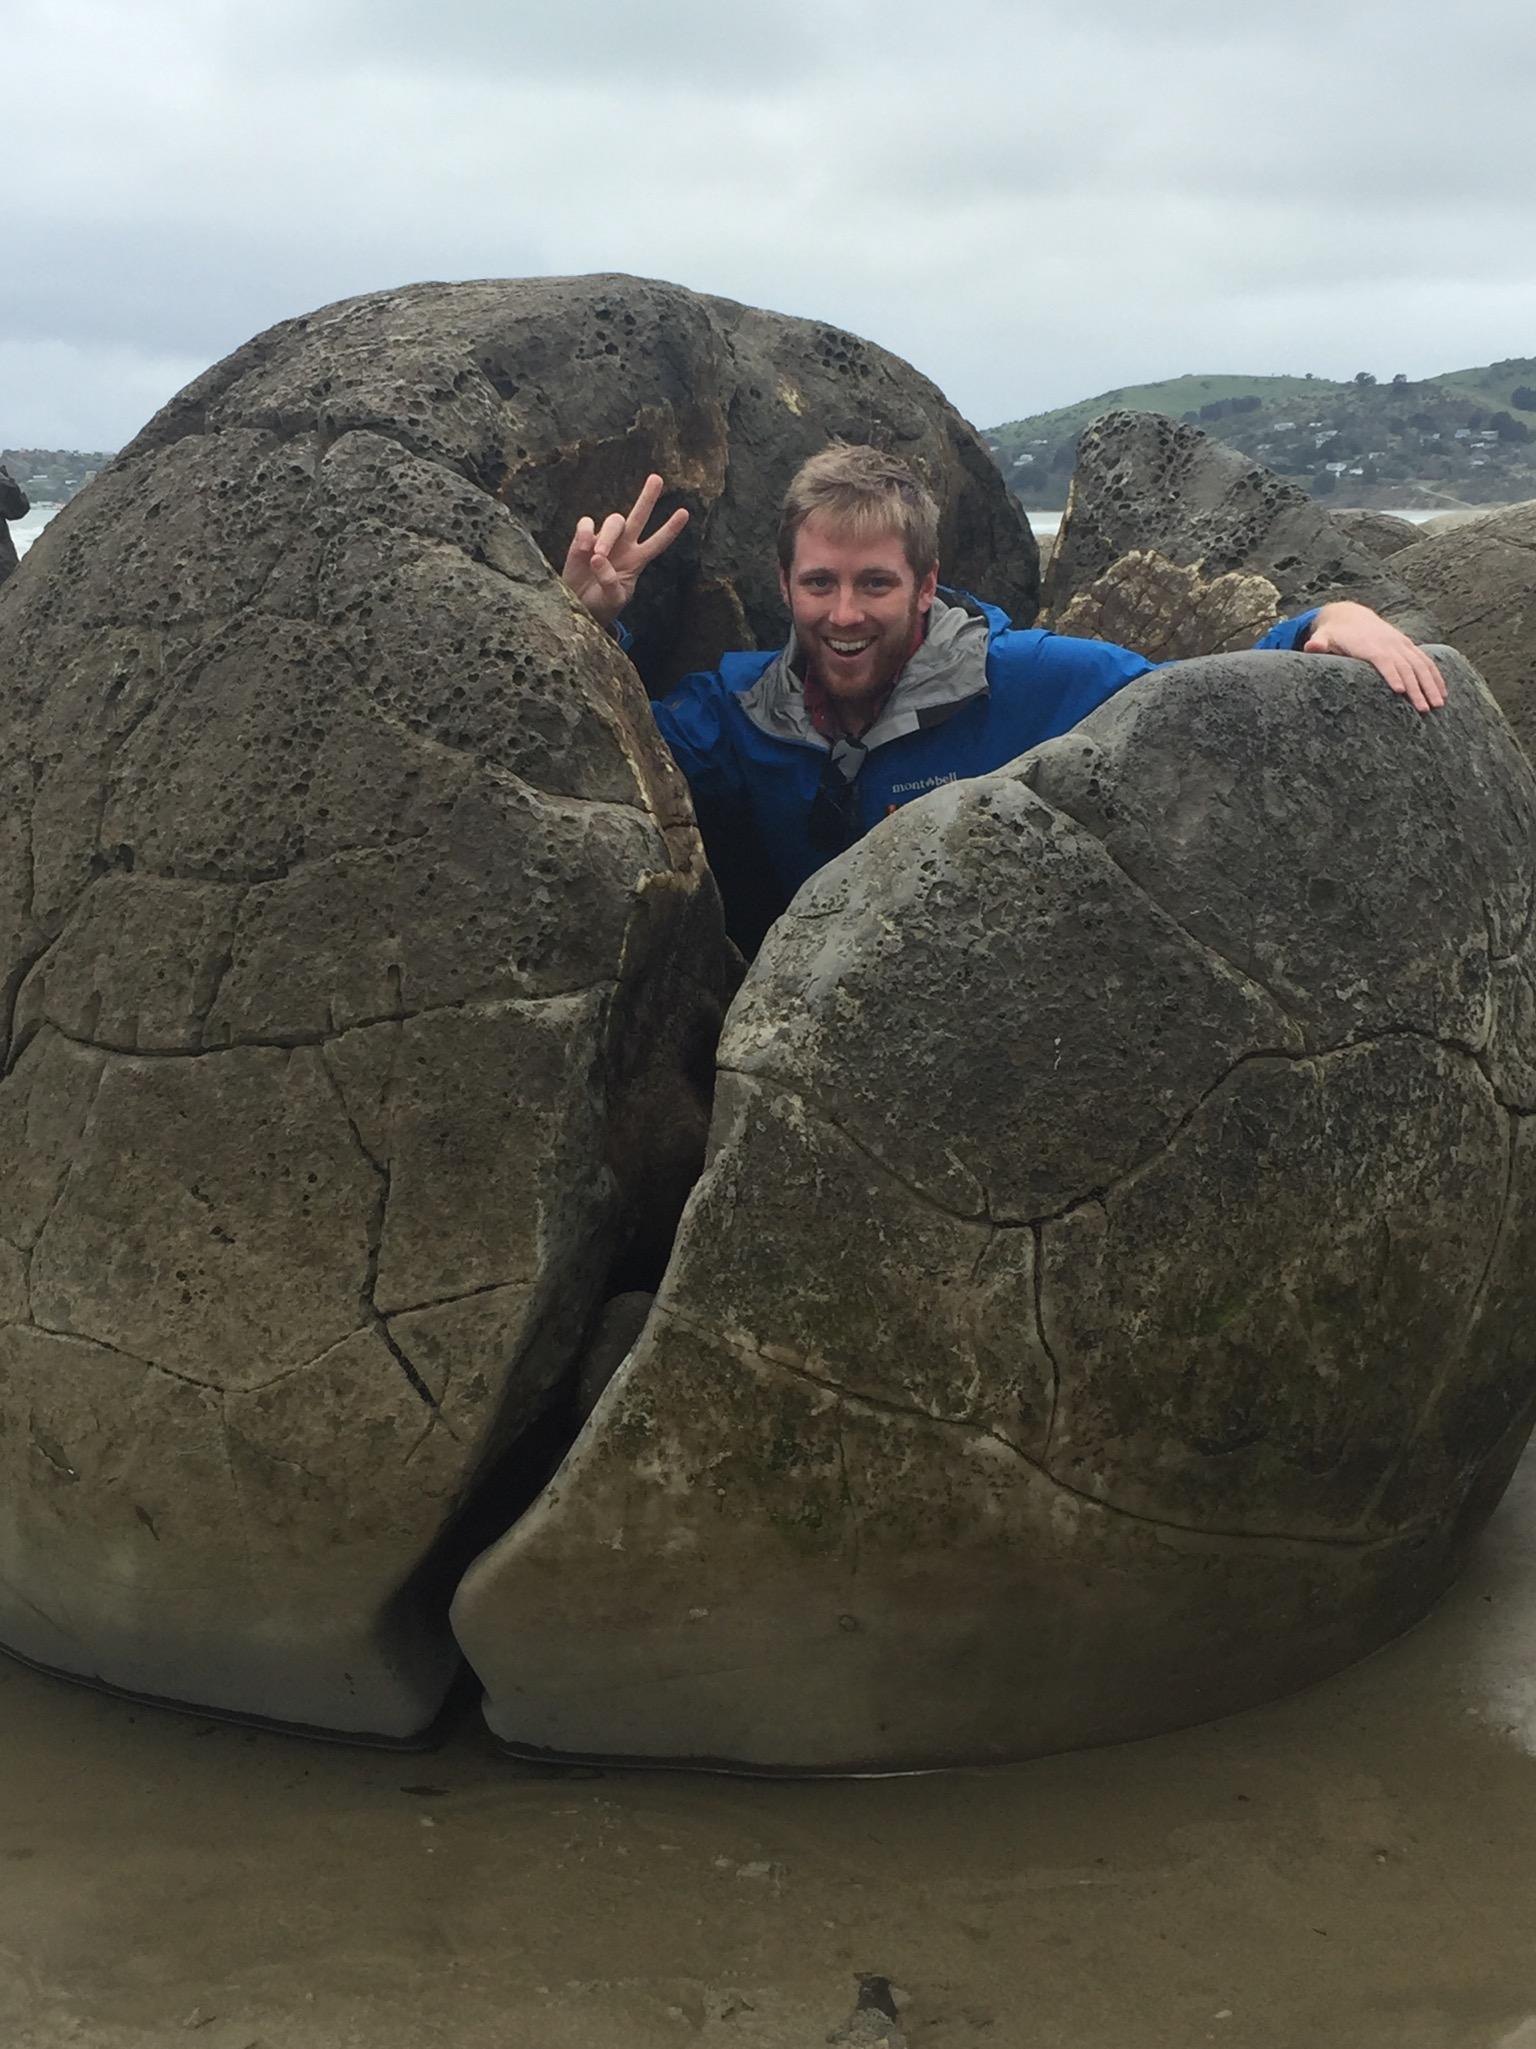 Moerakai Boulders